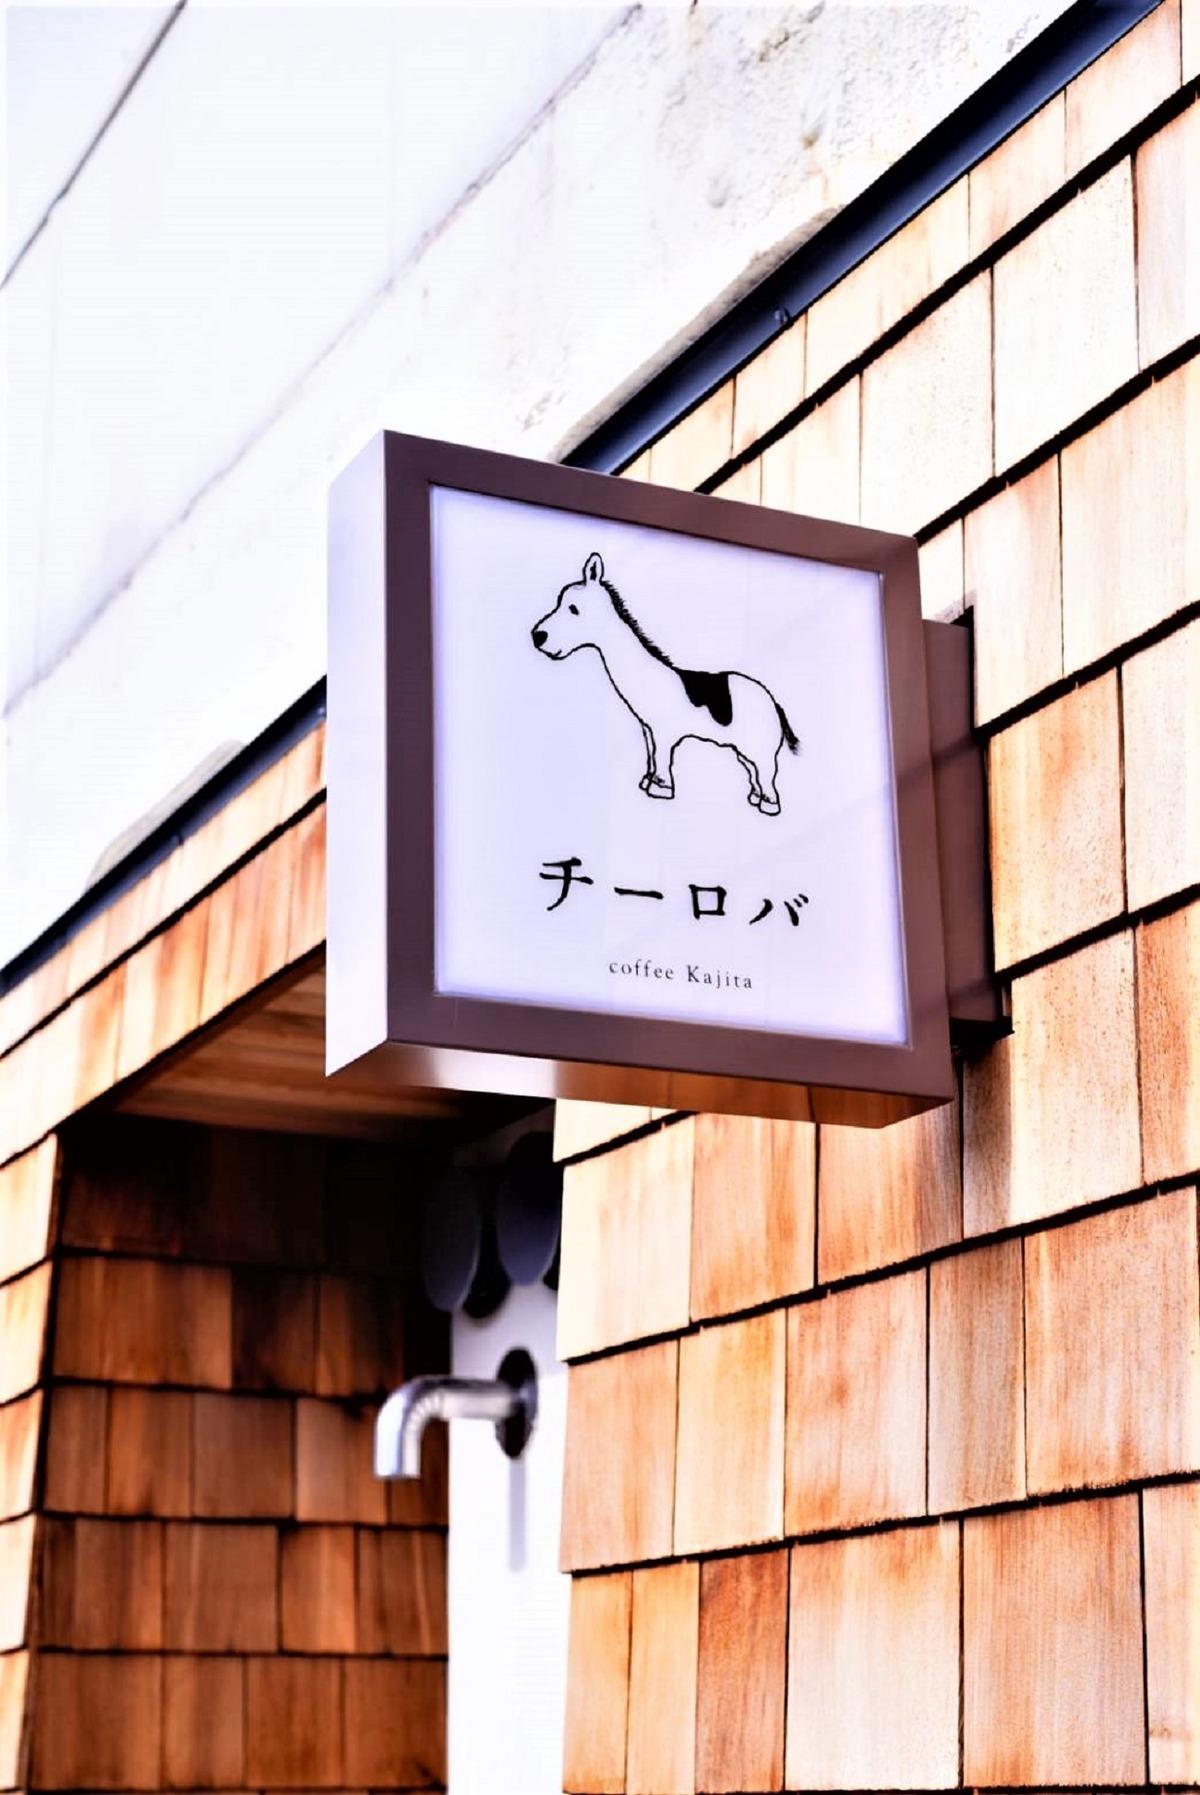 名古屋散歩♪おすすめカフェ「チーロバ」さんと北欧家具店「favor」